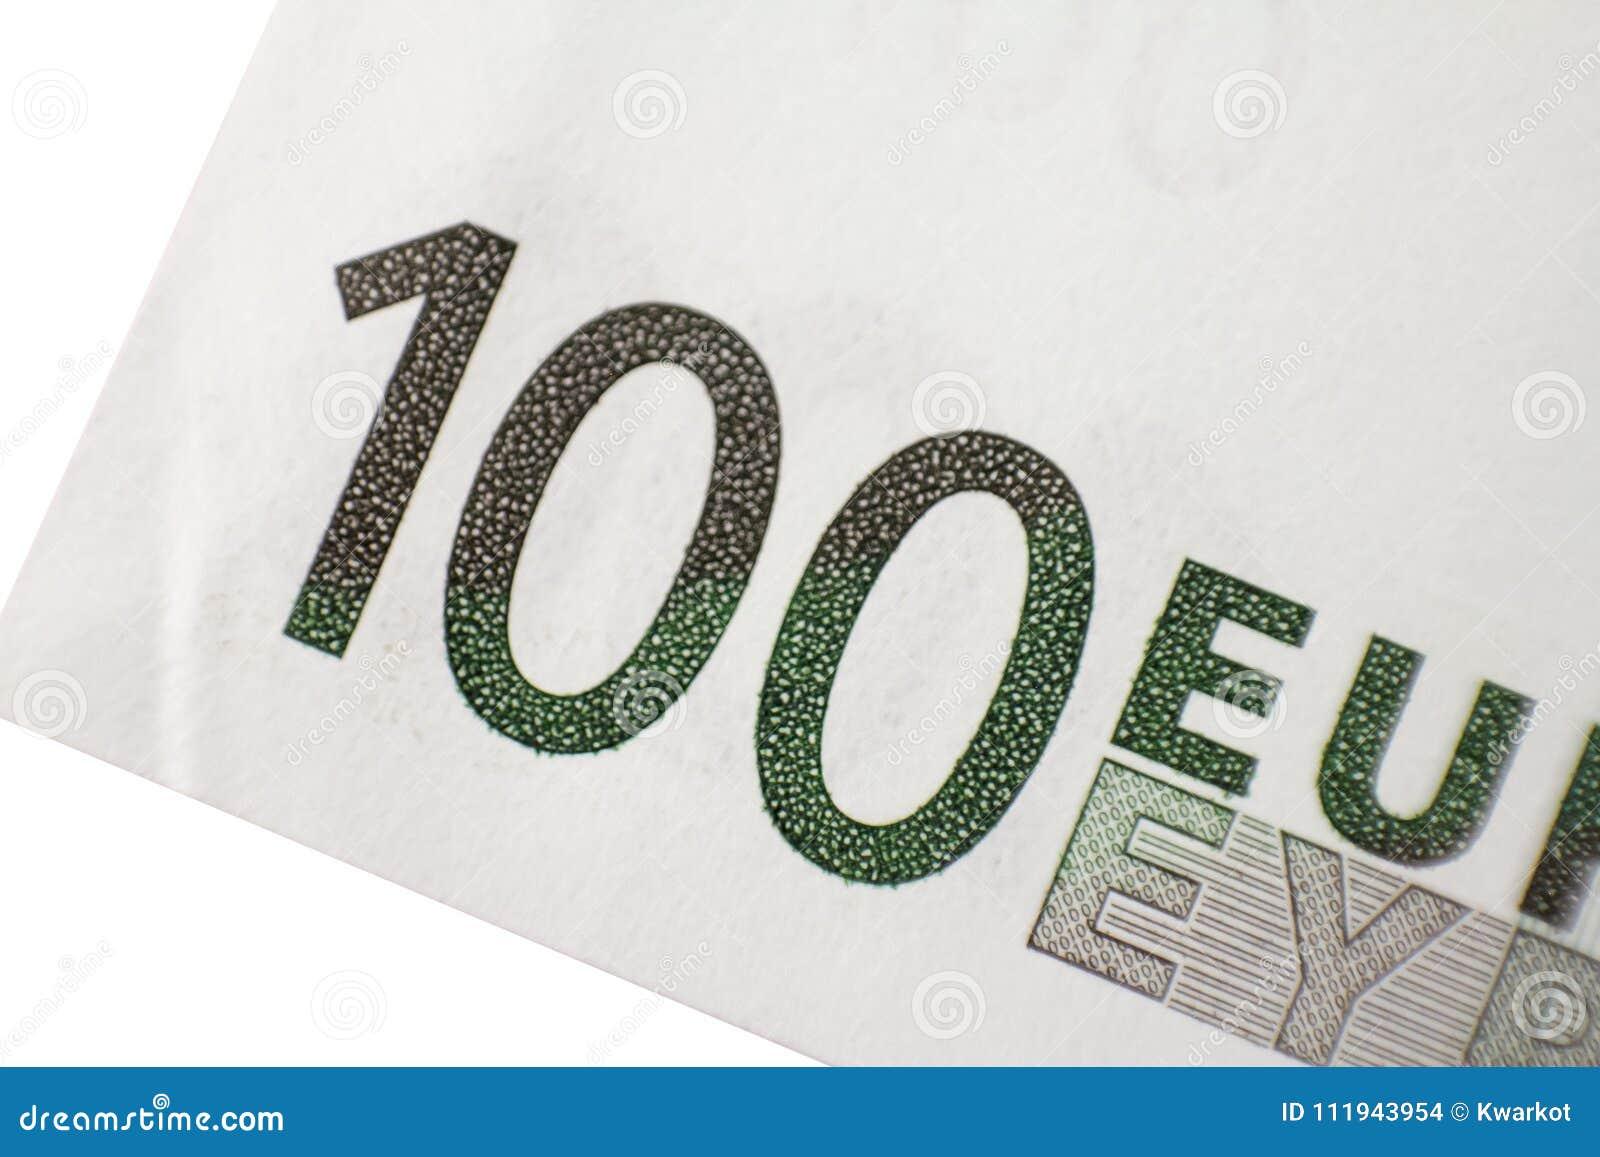 Makroschussteil hundert Eurobanknote auf einem weißen Hintergrund